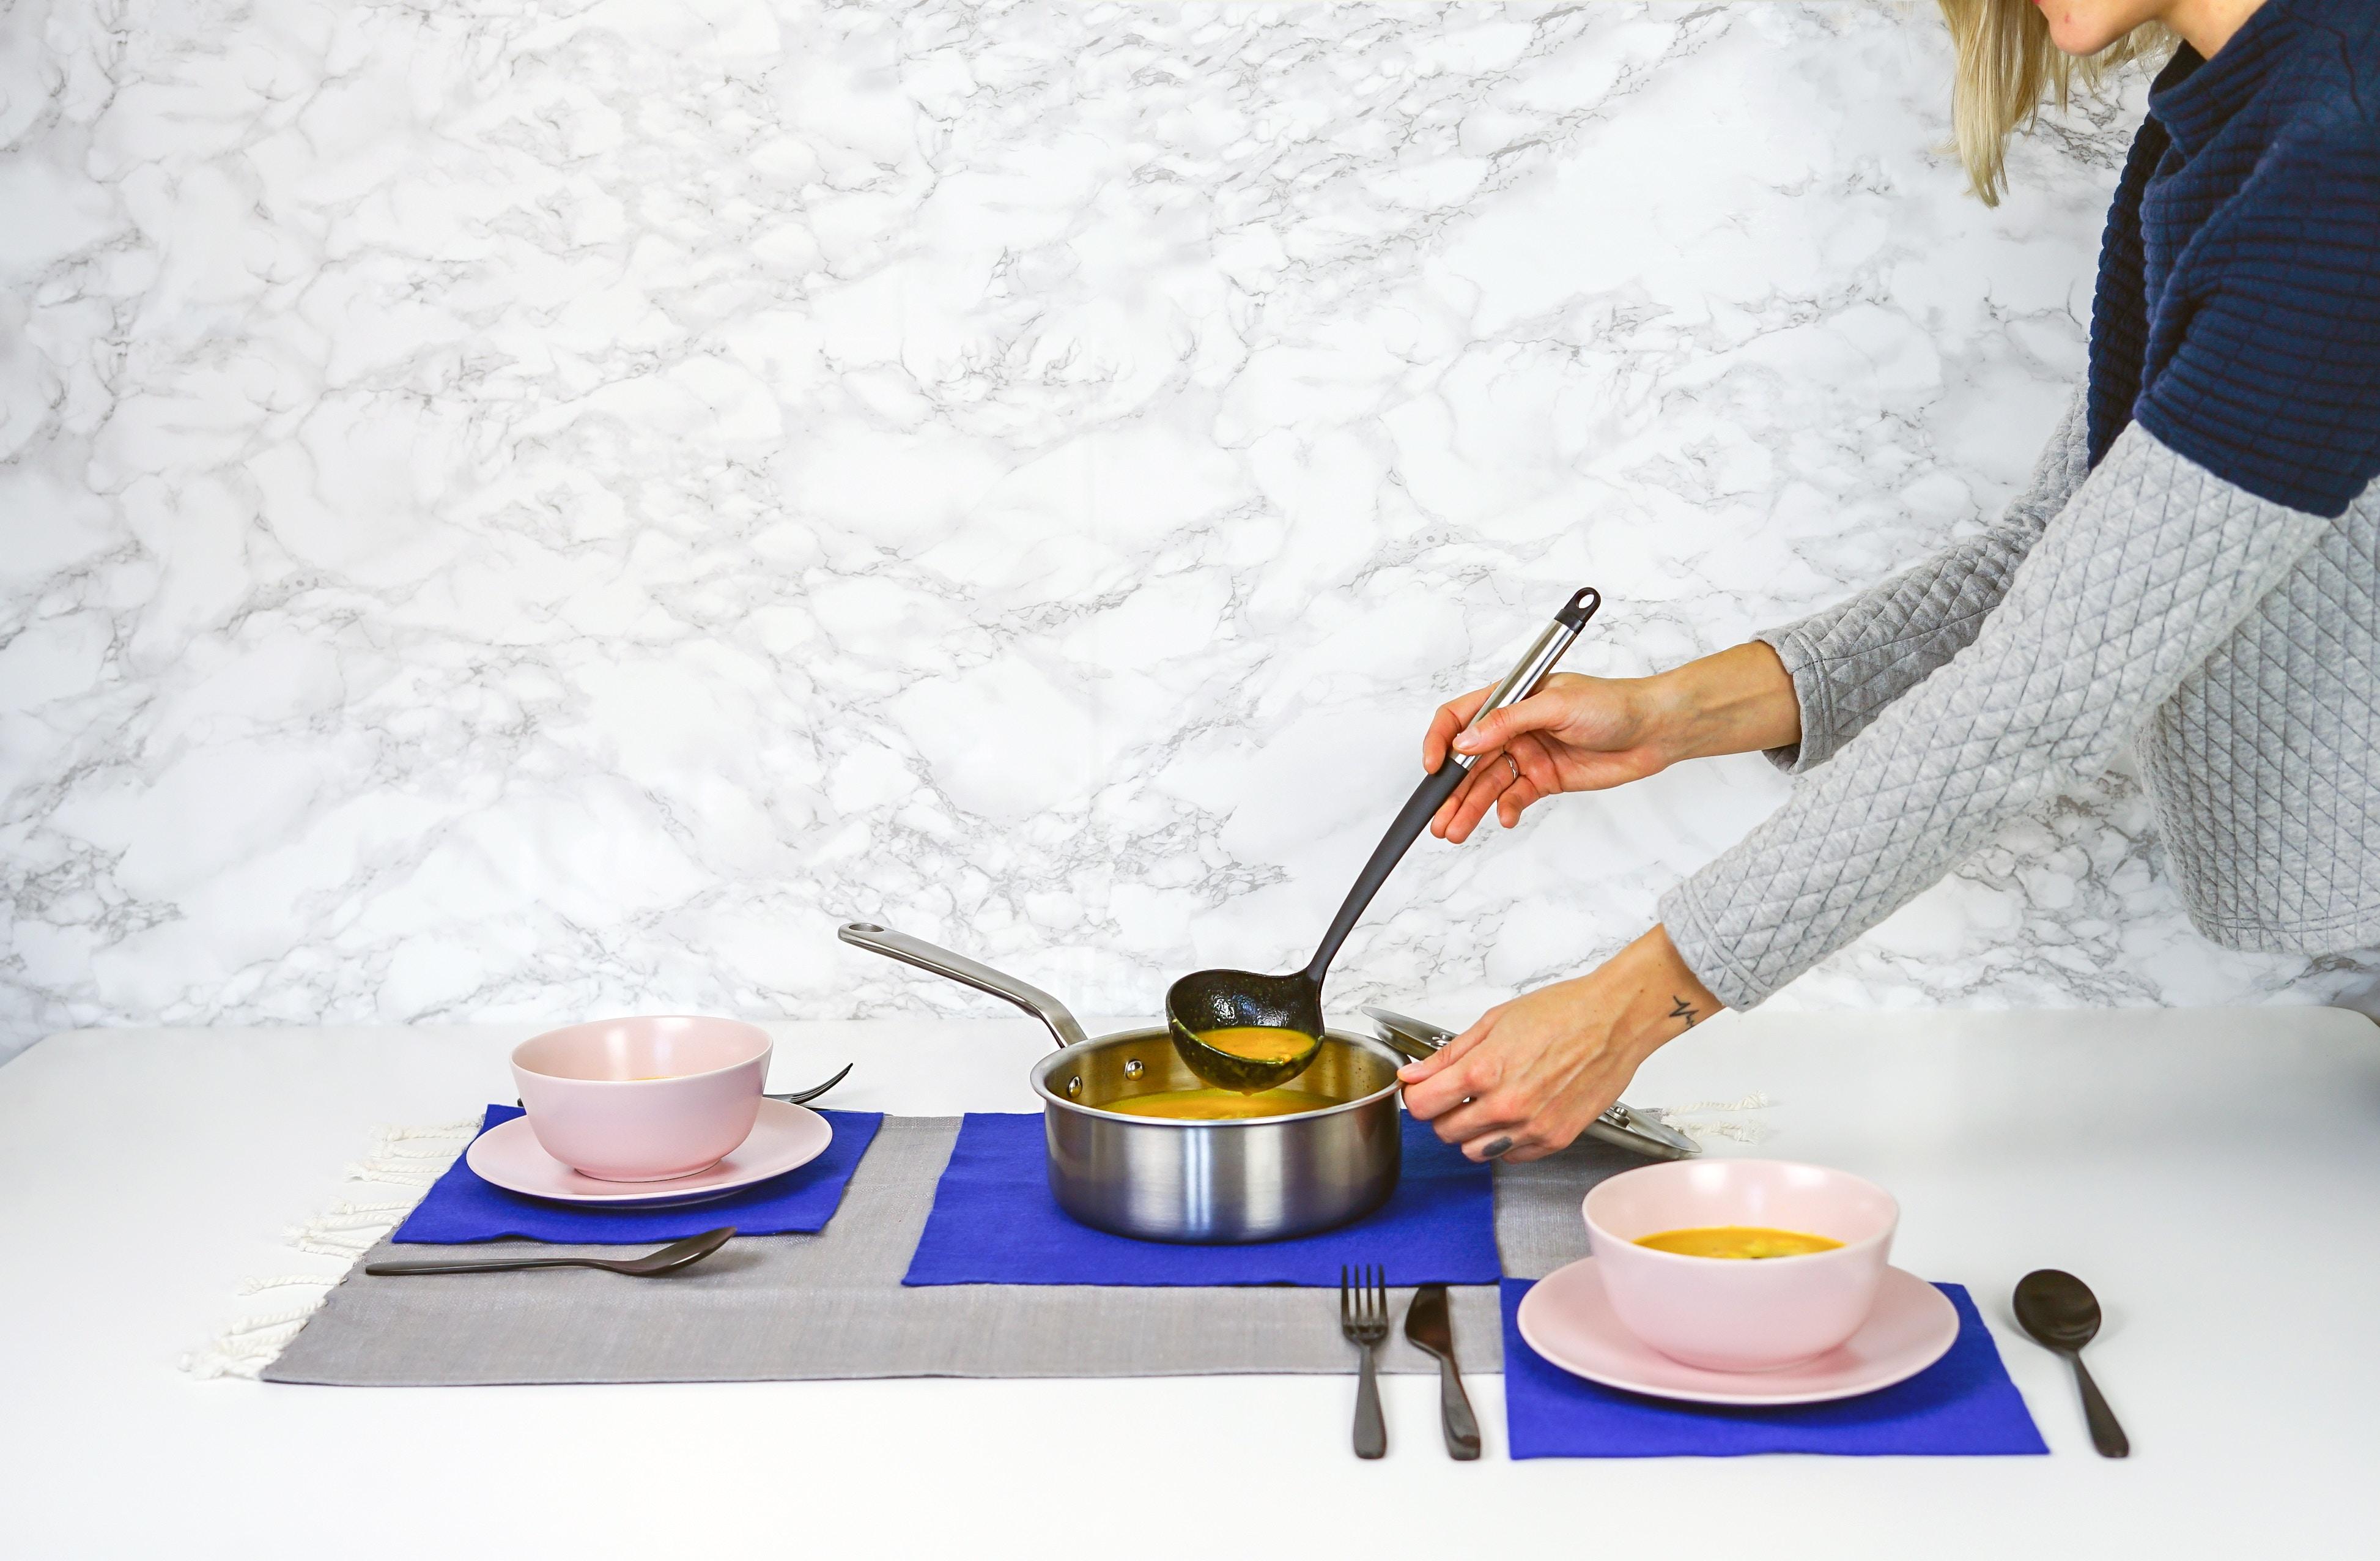 29 кулинарных советов и хитростей